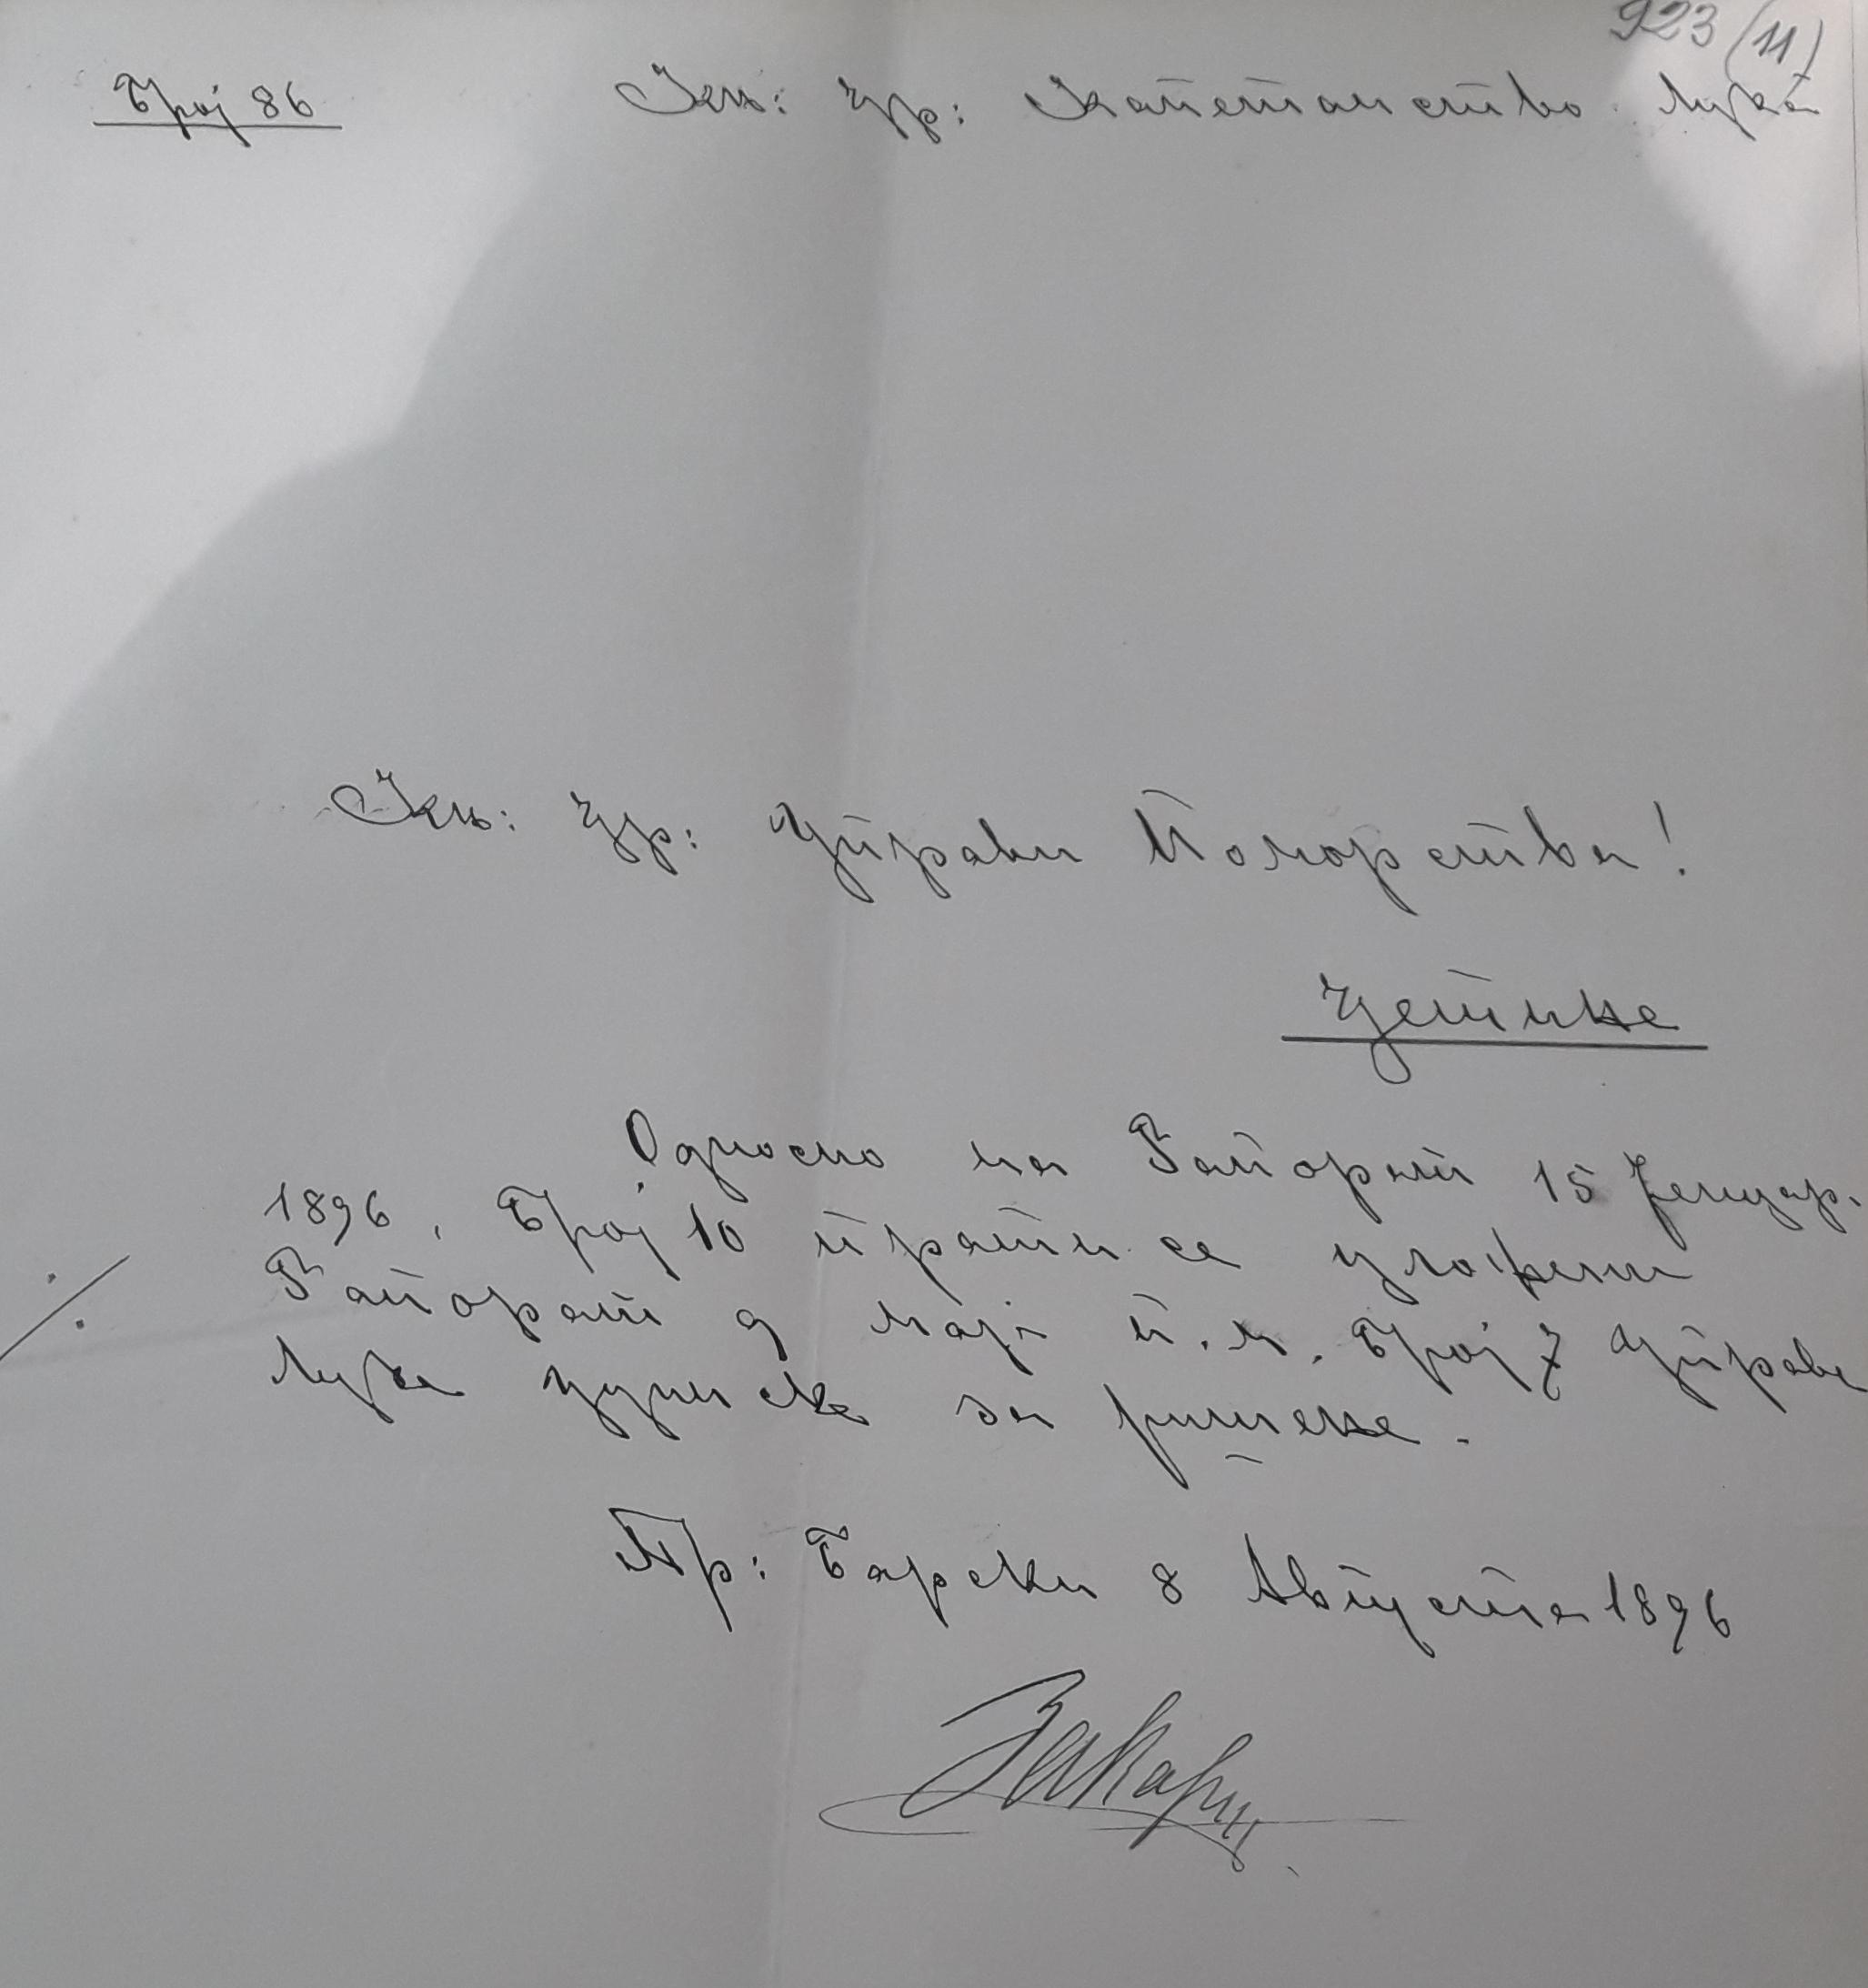 Raporat (izvještaj) crnogorskoj vladi od strane pomorskog kapetana Zakarije iz Bara, avgust 1896.